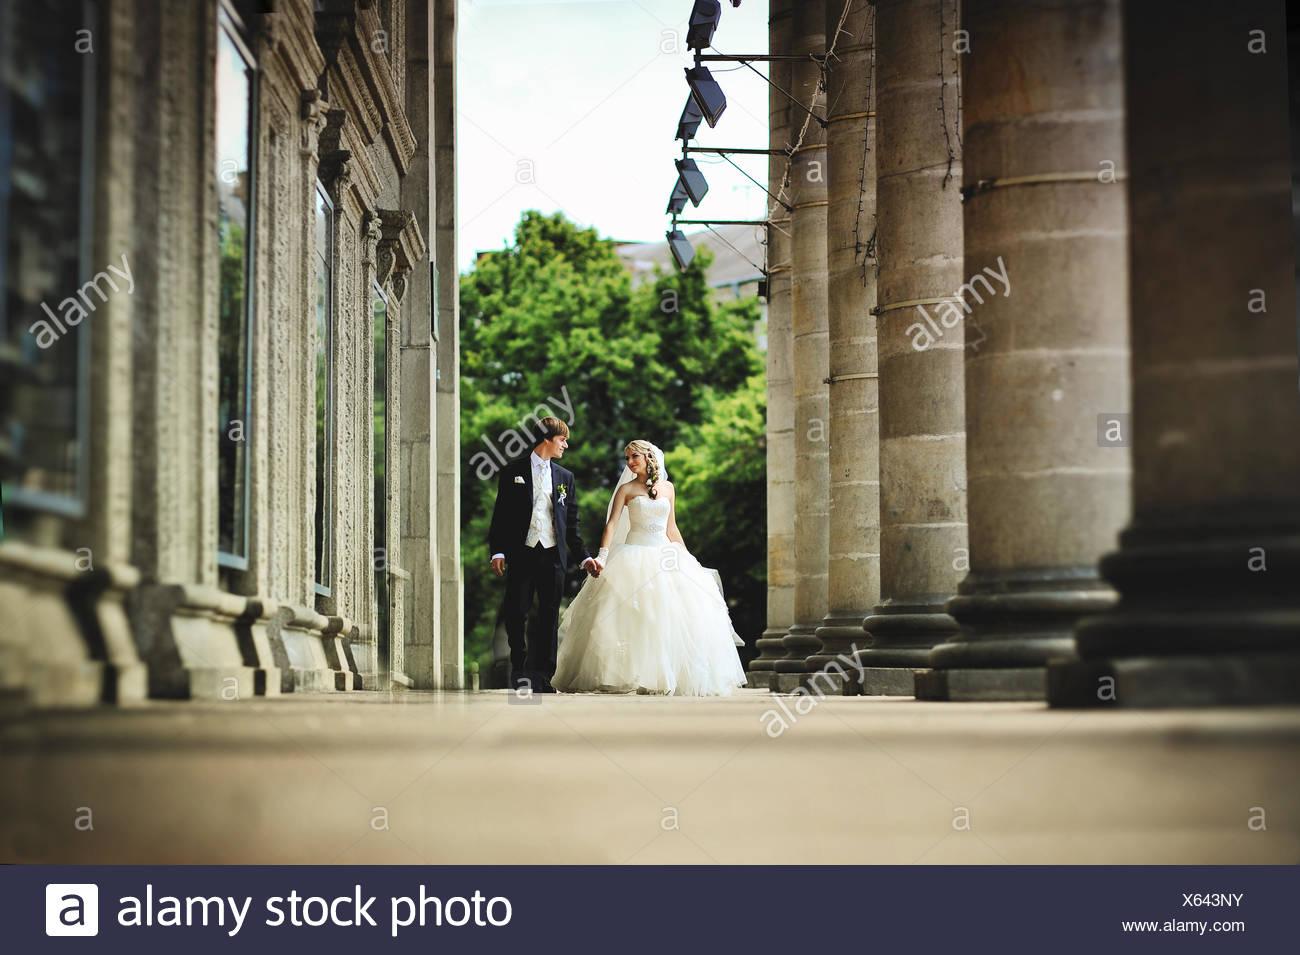 Los recién casados en el amor Imagen De Stock